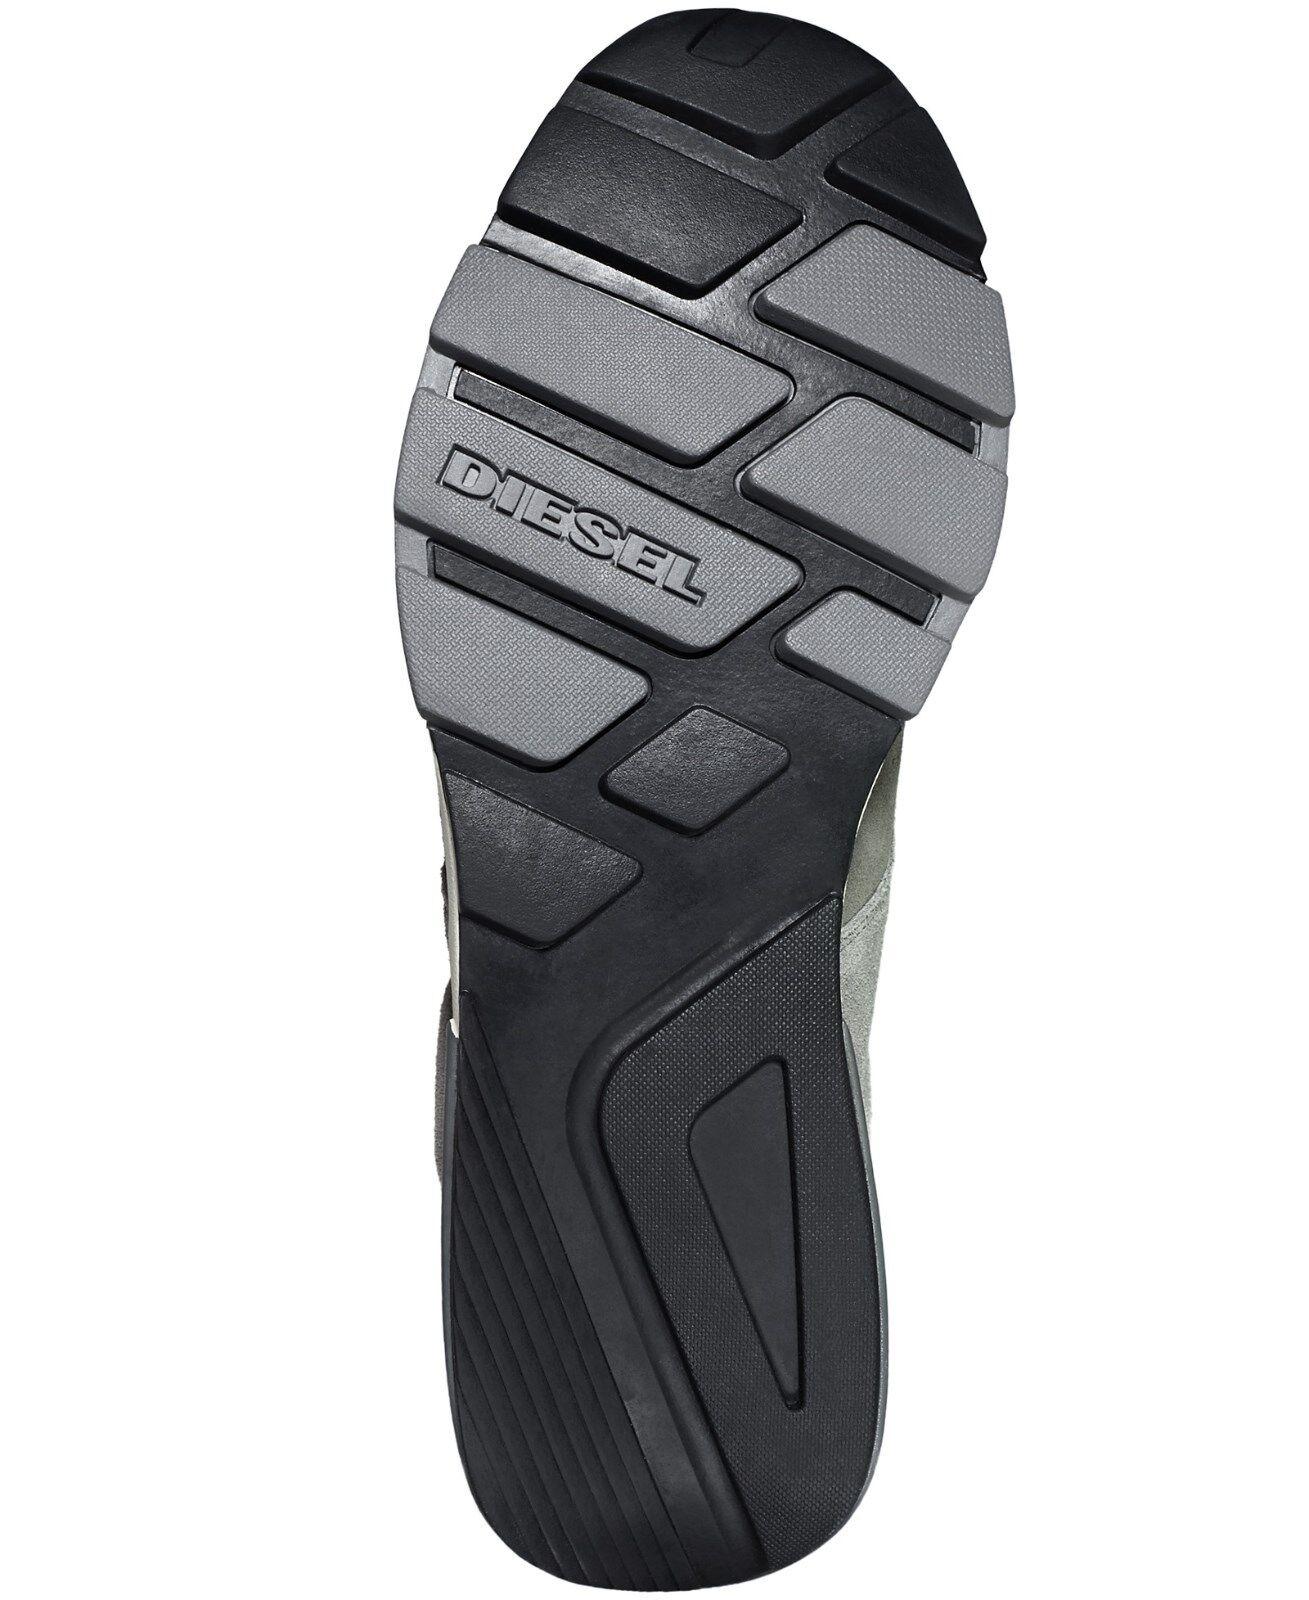 Diesel Ginnastica Deep Escape SG Low Scarpe da Ginnastica Diesel Size 10.5 in Gunmetal/Steel Grigio 009cd2